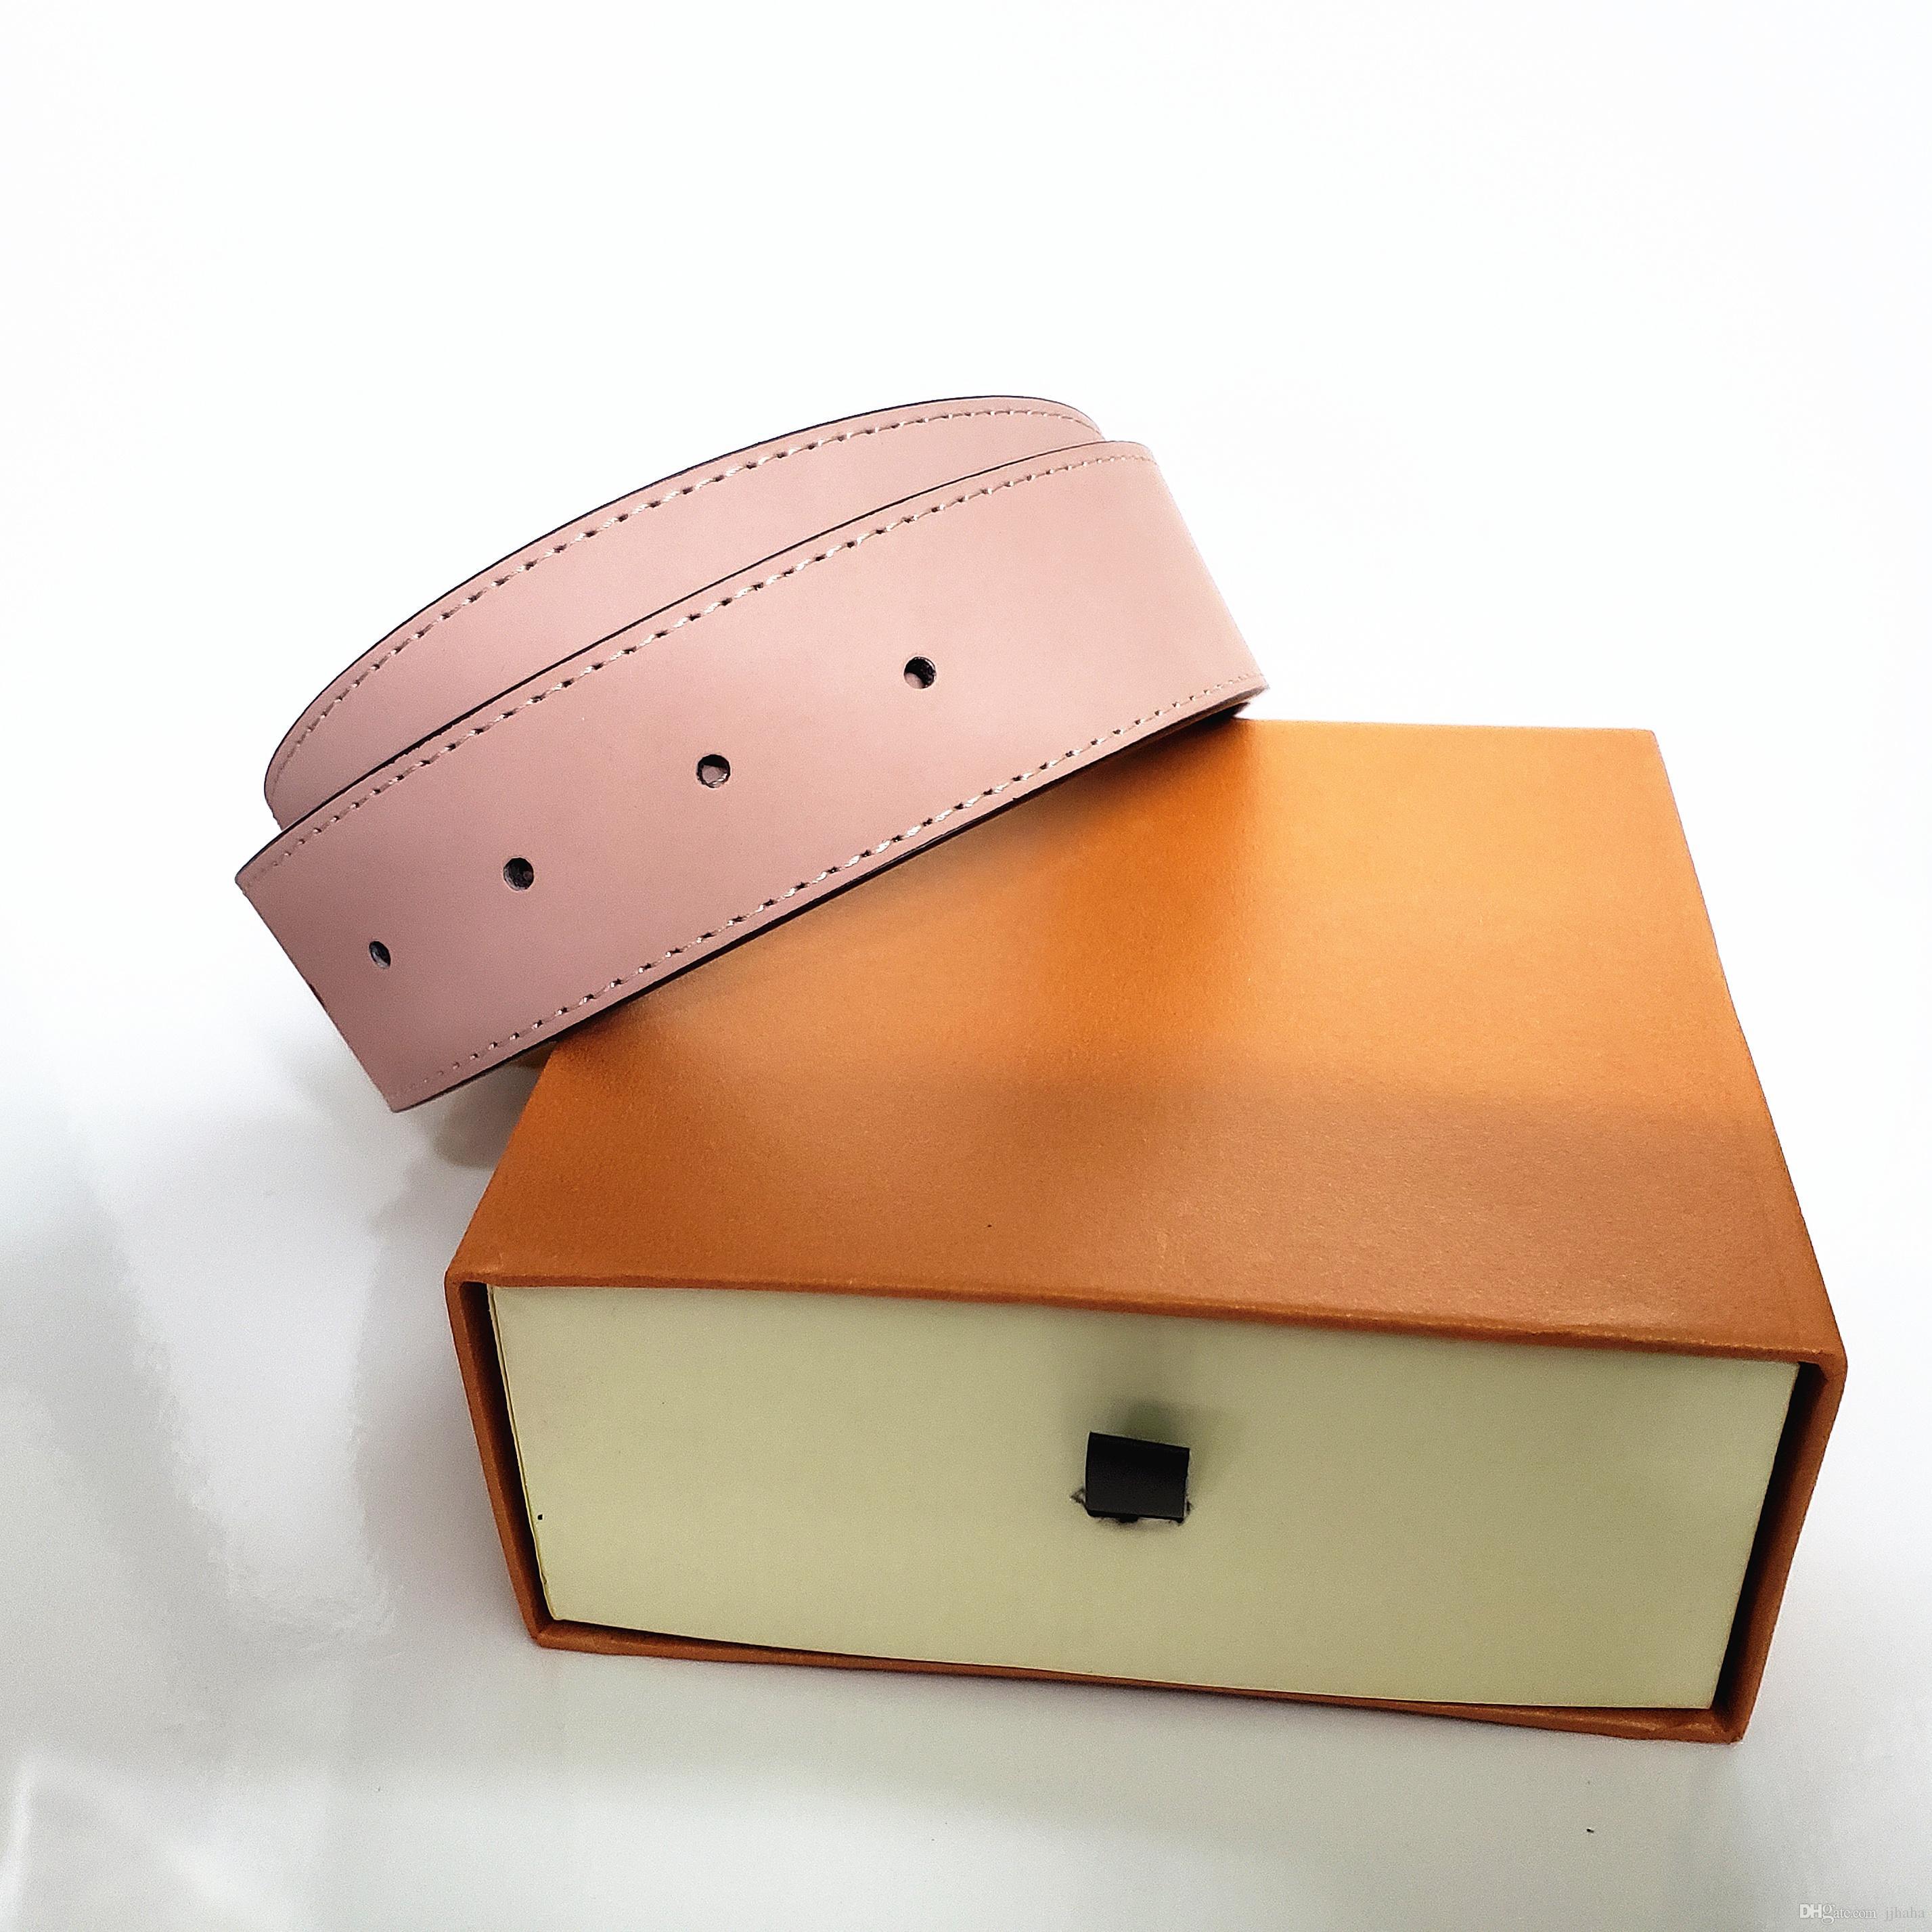 2020 Art und Weise mit Box Ledergürtel Gürtel für Männer Frau Frauen G große Goldschnalle Gurt oben Mens Schlange Gurtgroßverkauf freies Verschiffen